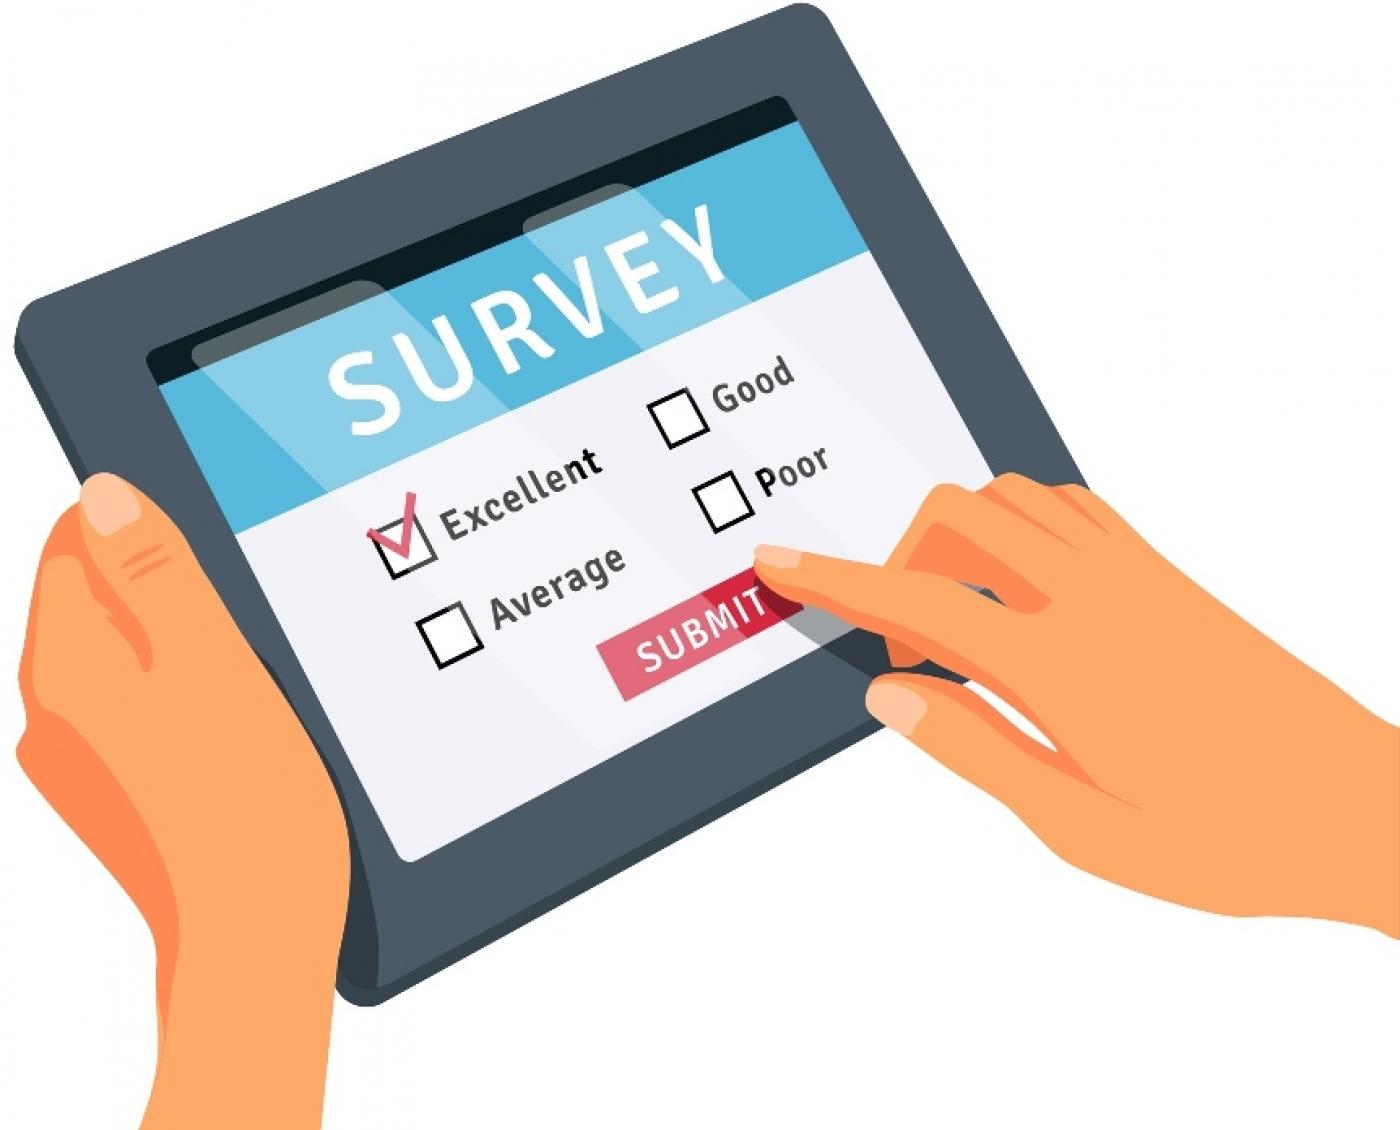 Studie zum Einkaufsverhalten: Ihre Mithilfe ist gefragt!